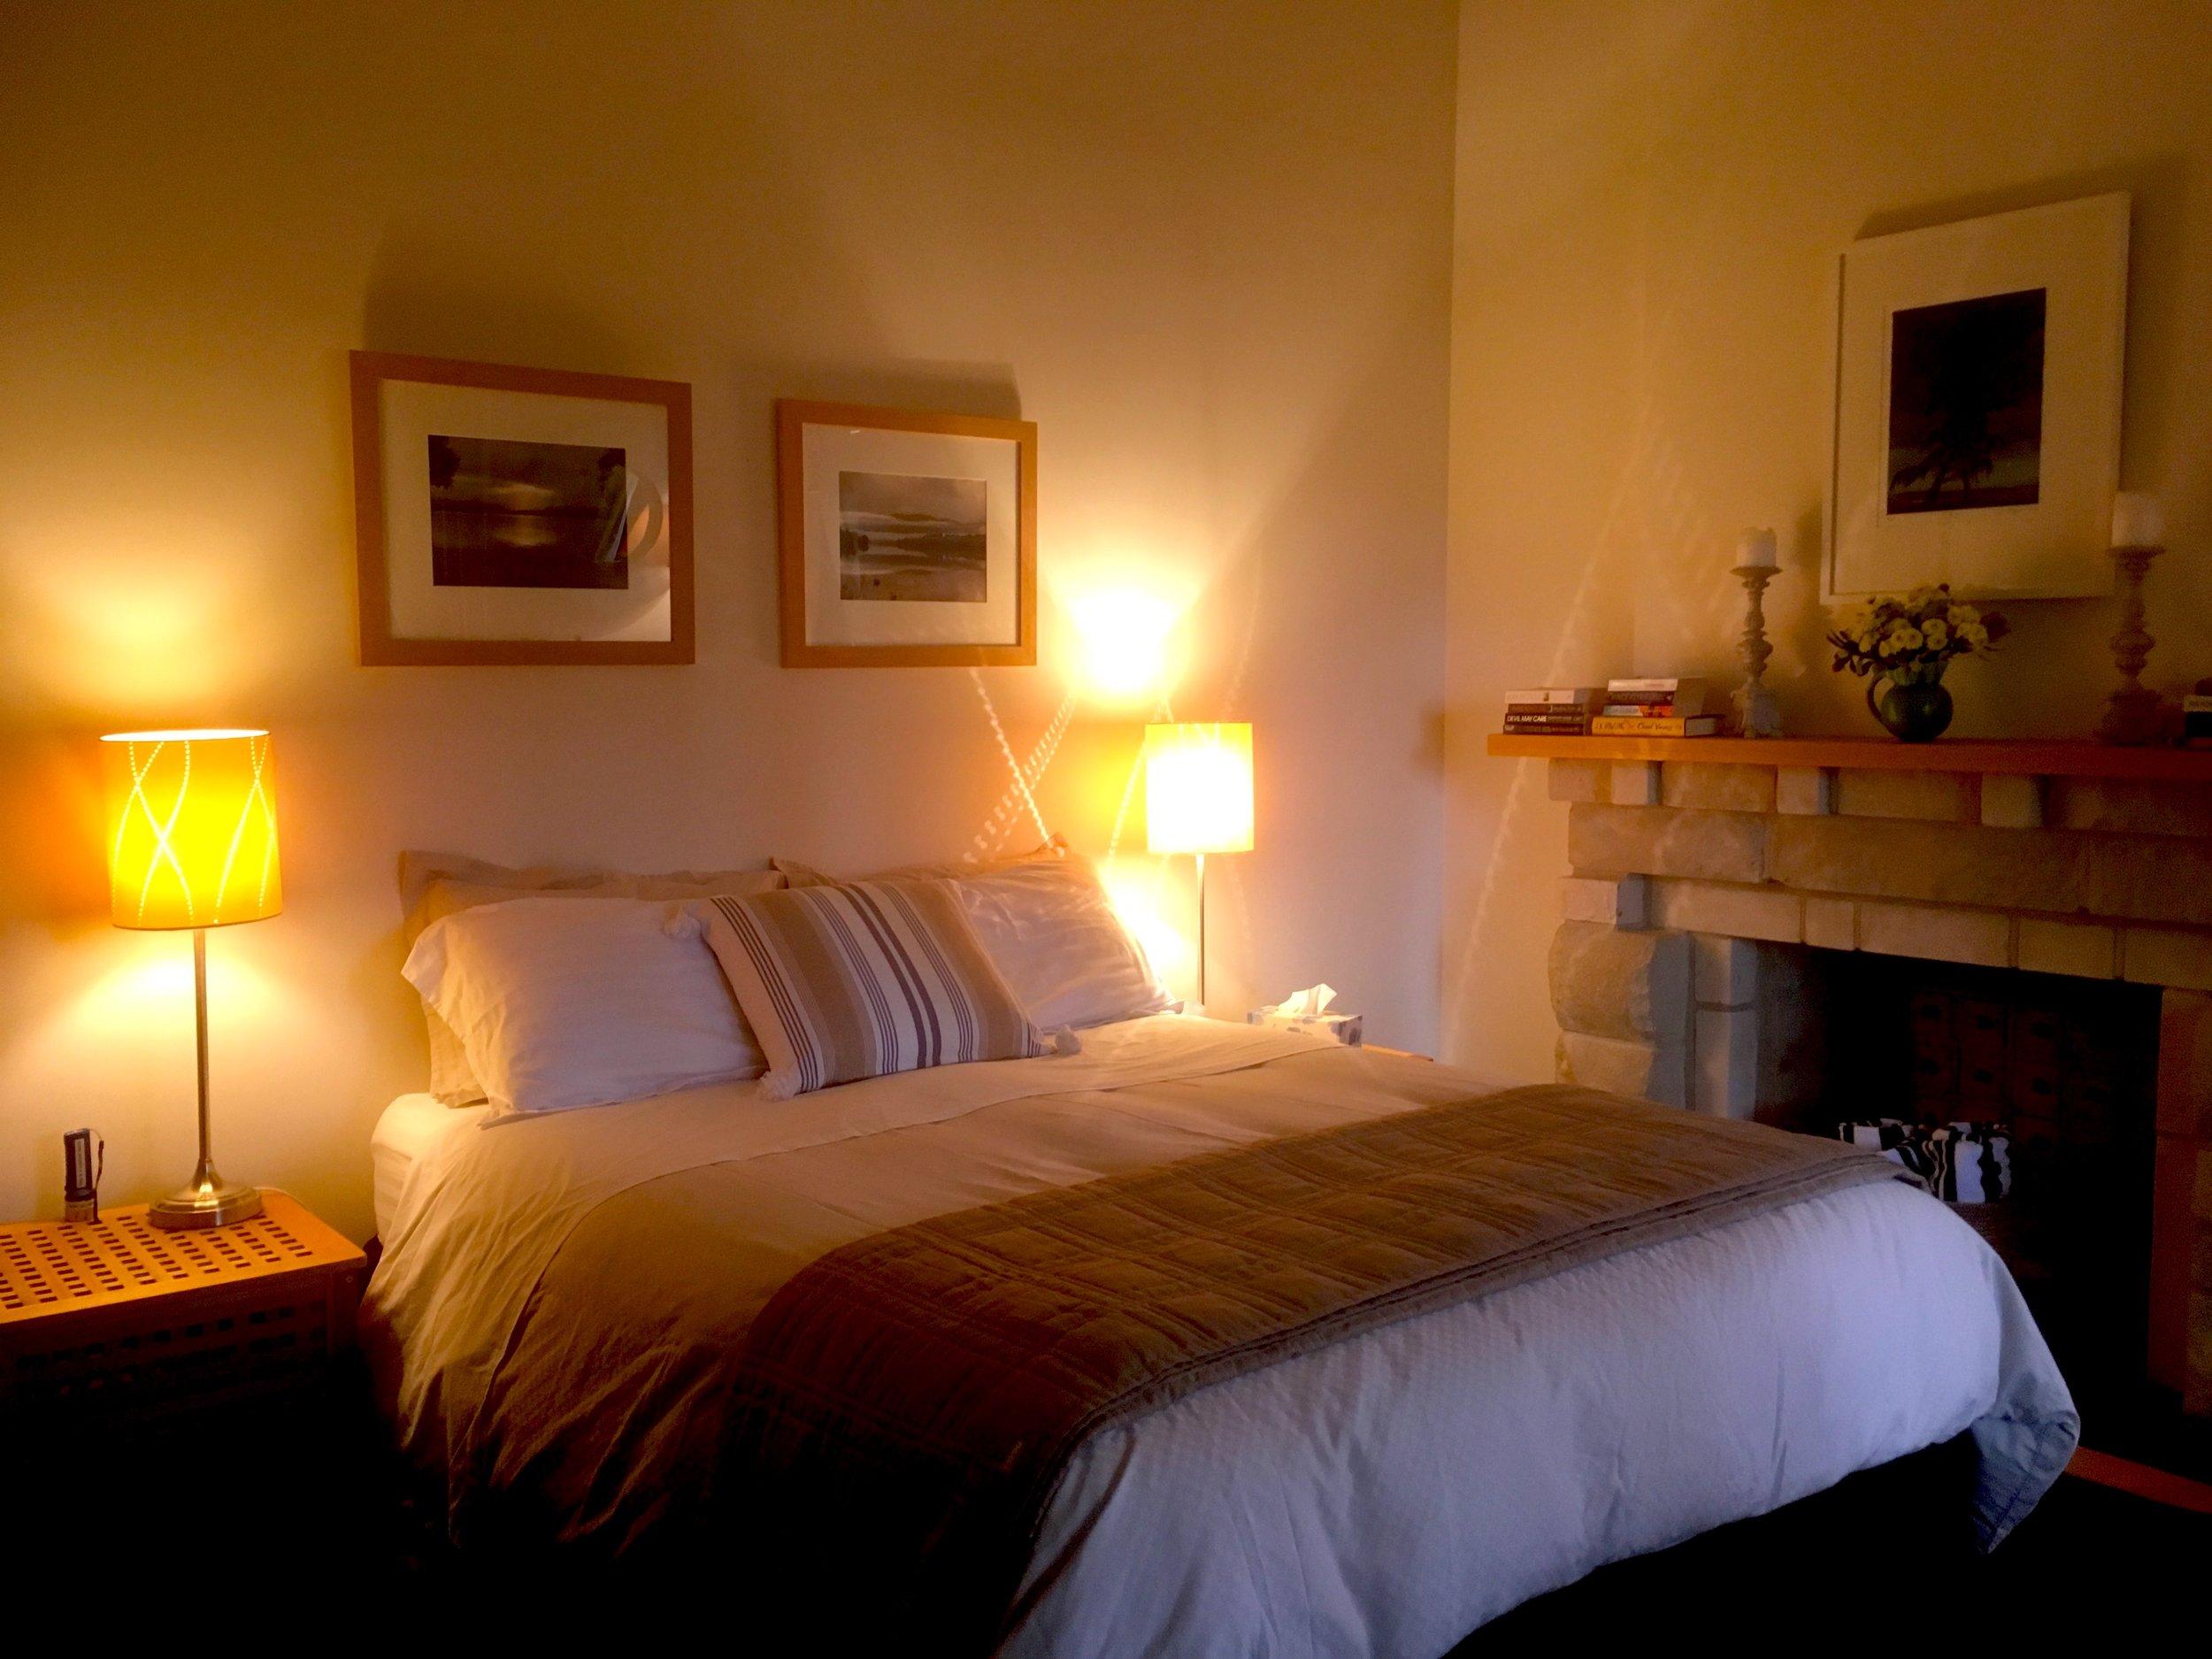 WH Hygge bedroom.jpg